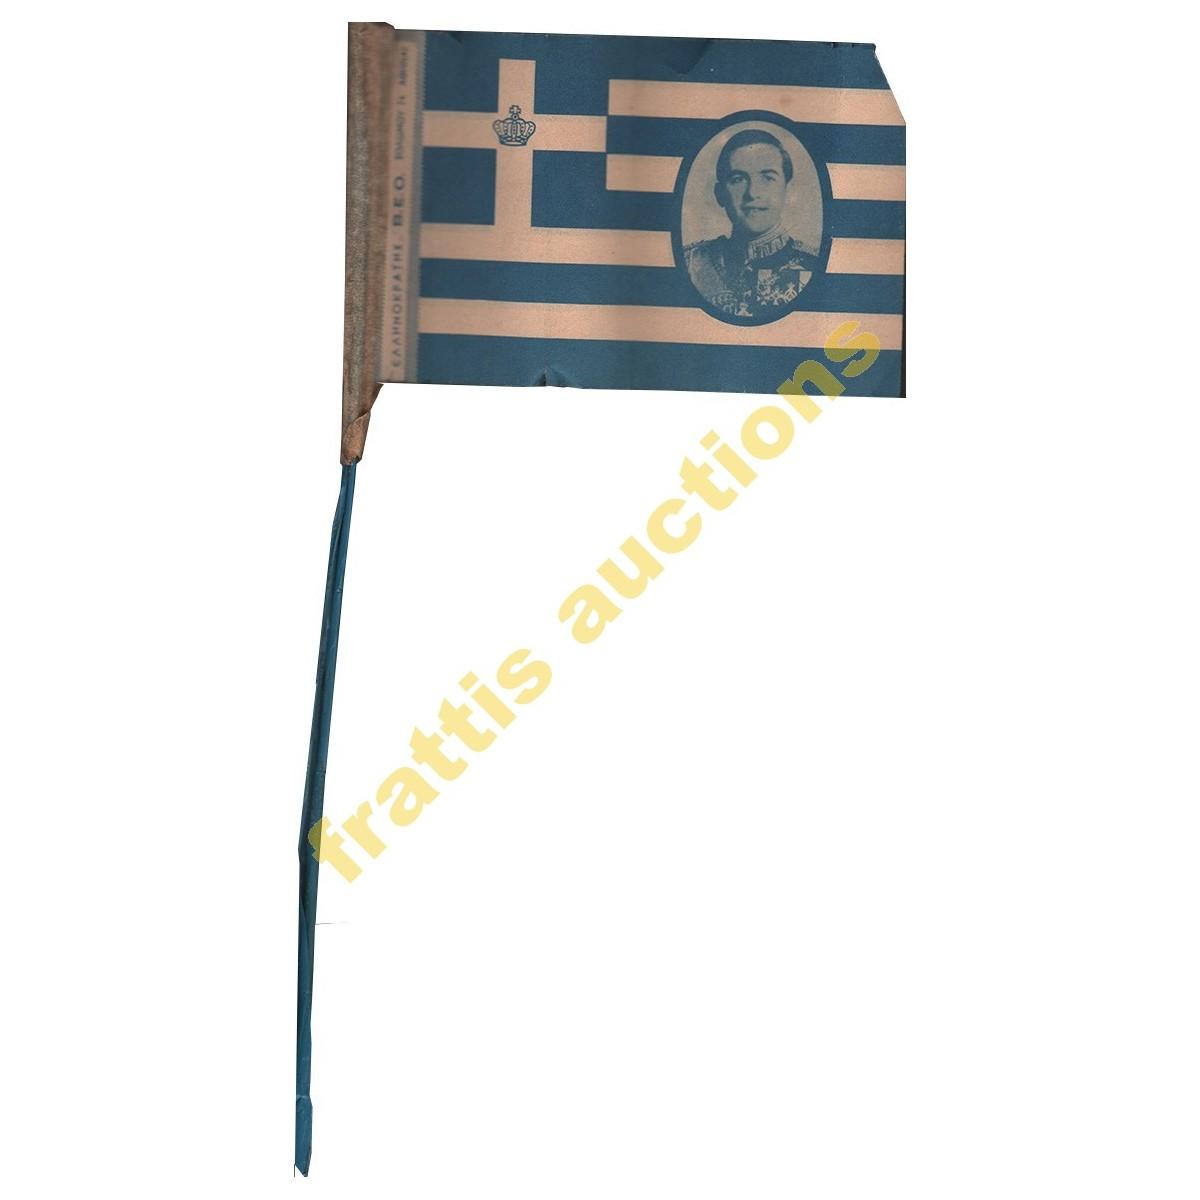 Ελληνικό σημαιάκι με τον Βασιλιά Κωνσταντινο Β' και την Αννα-Μαρία.